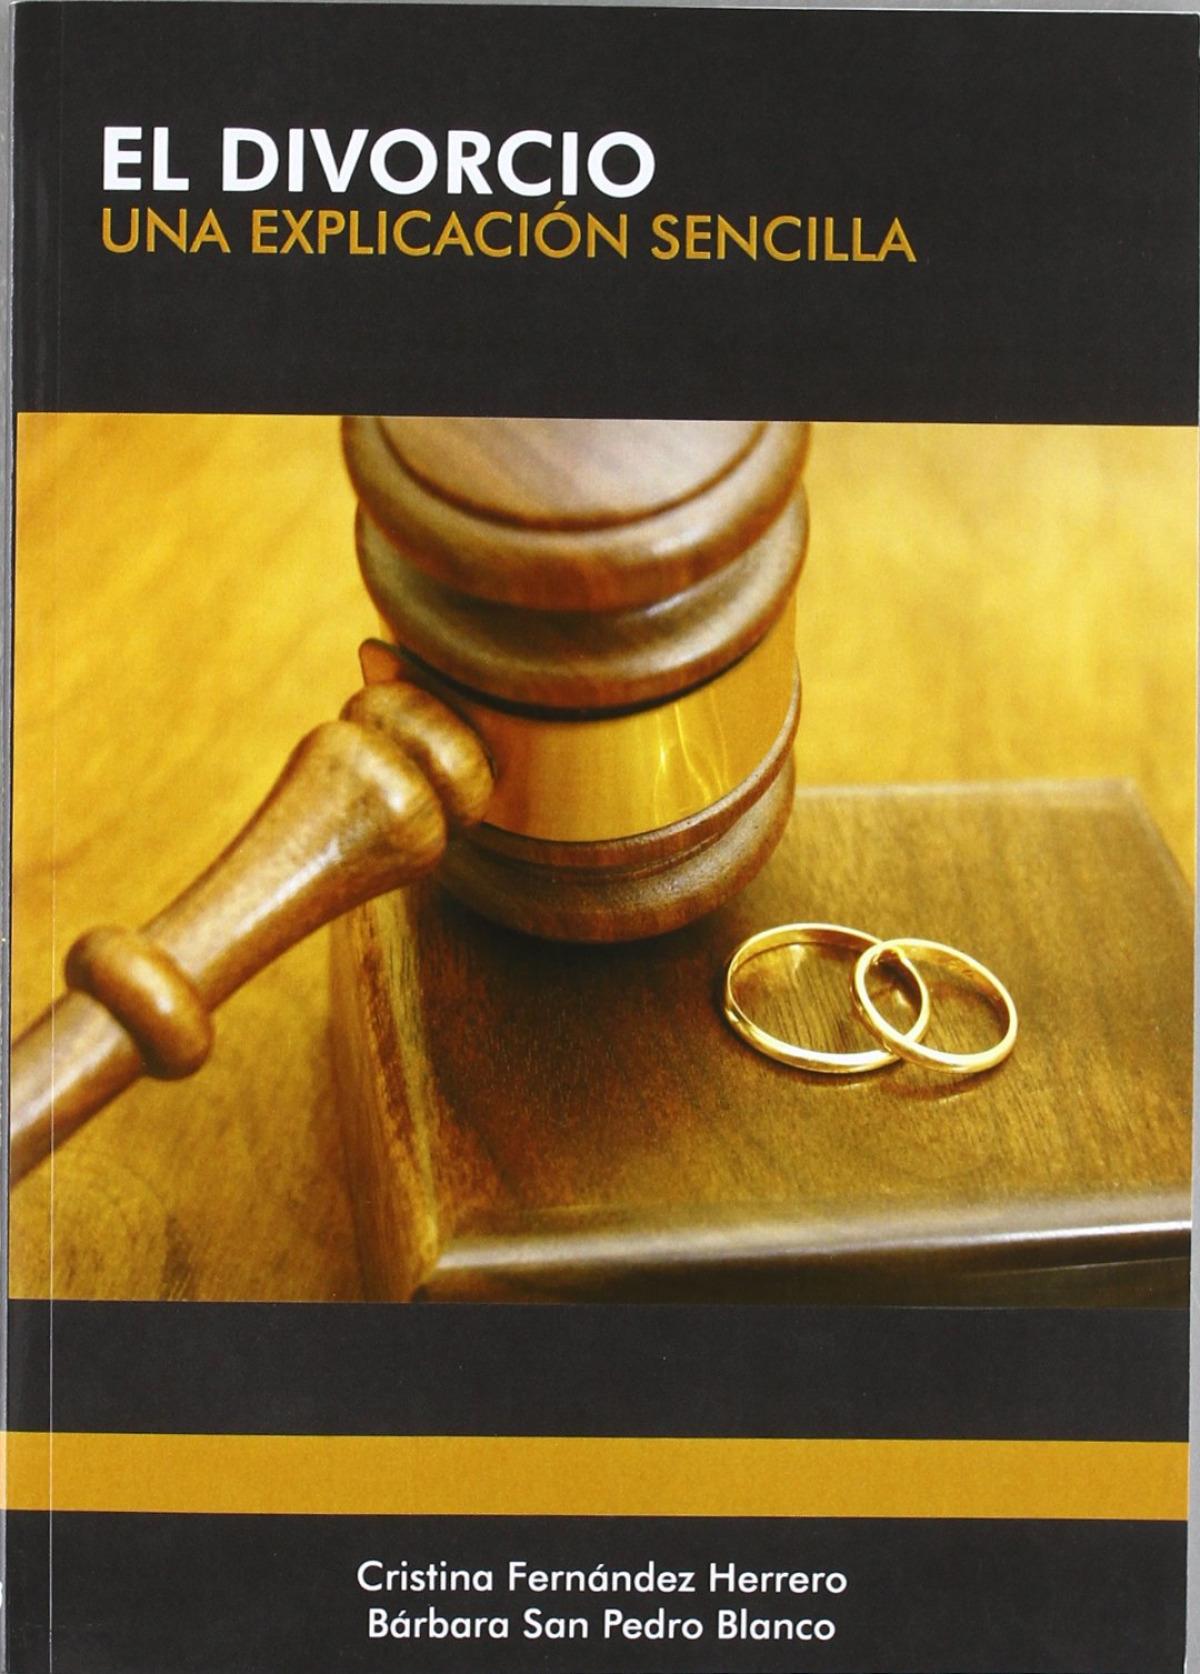 El divorcio, una explicación sencilla